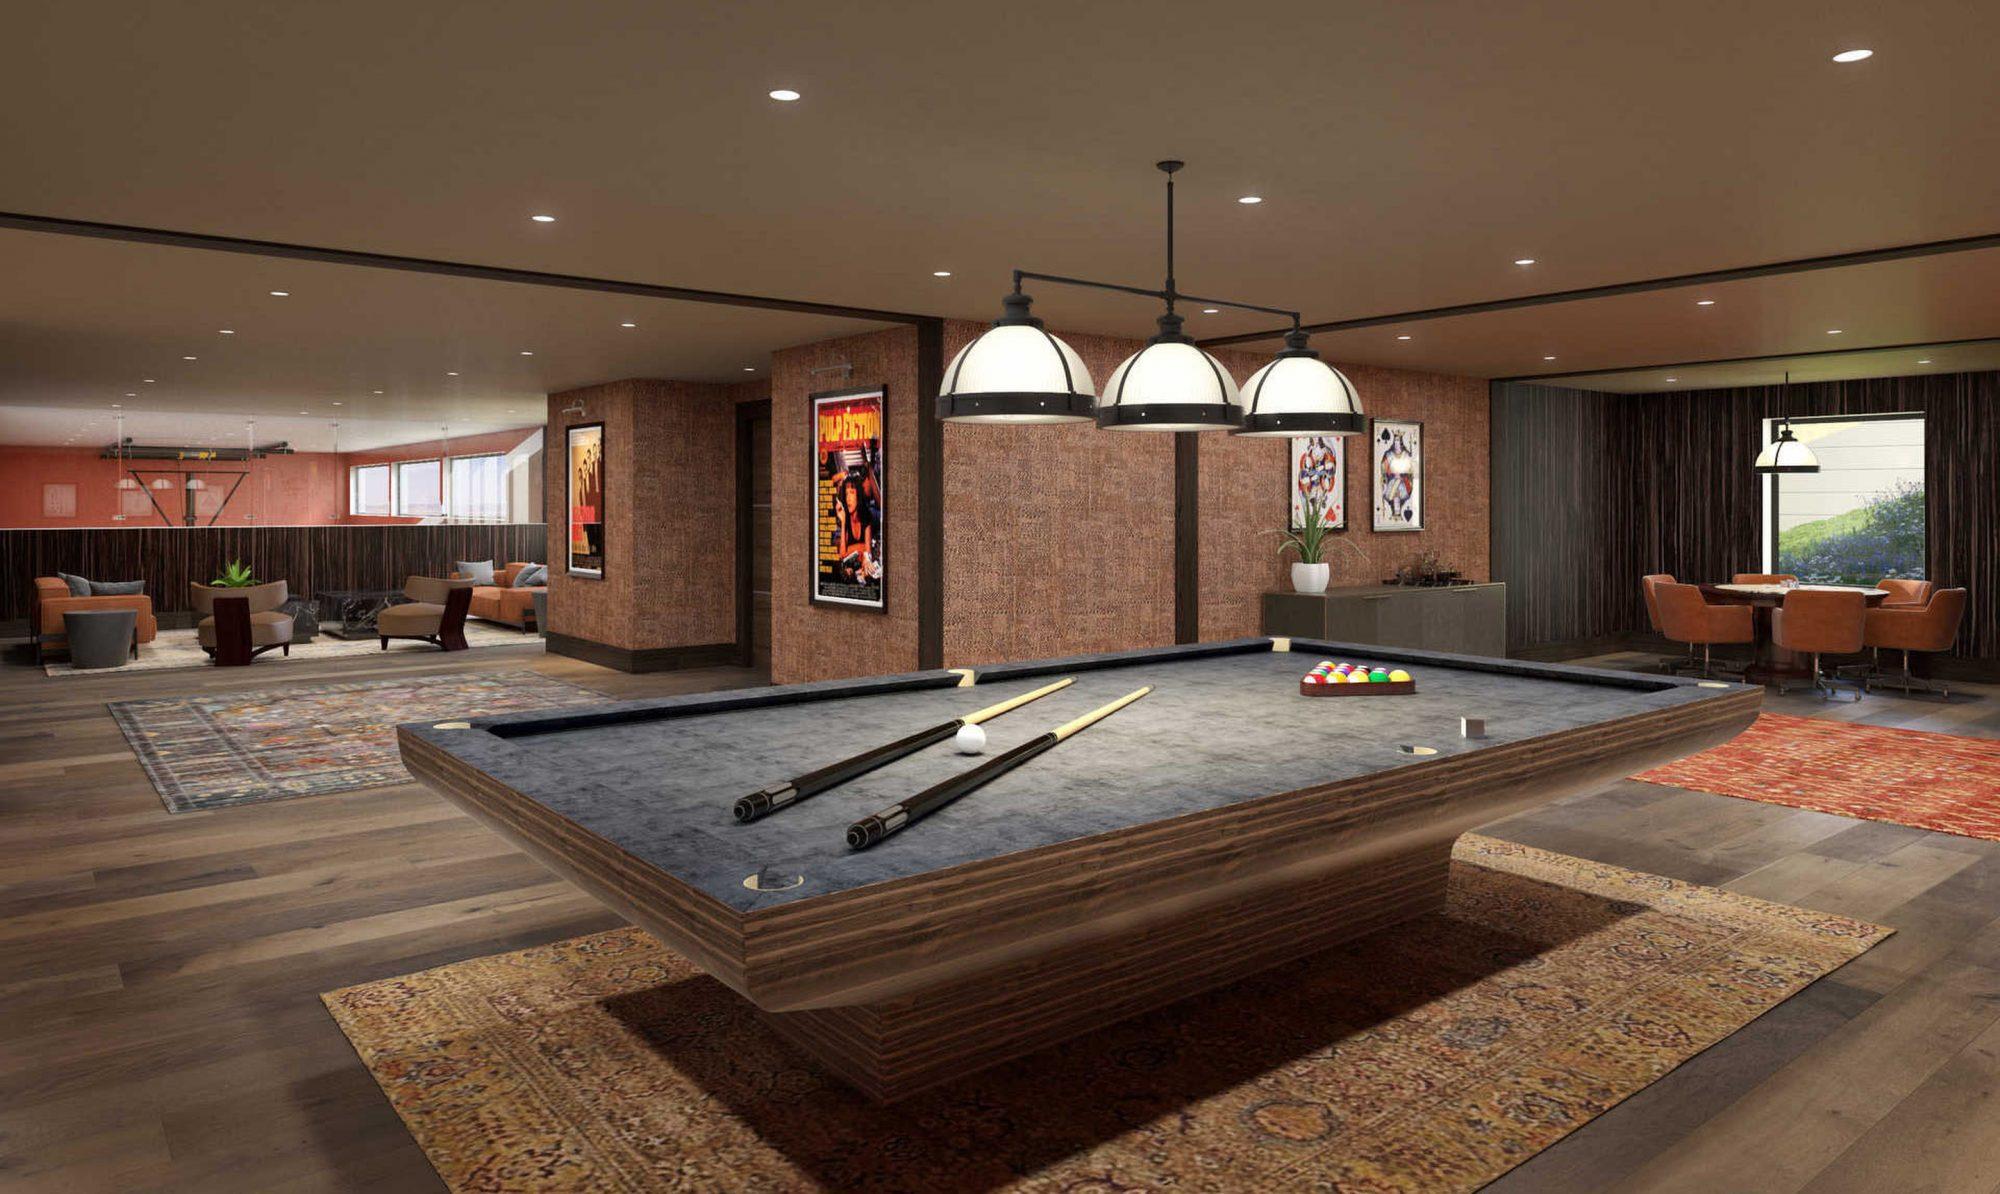 Nick Jonas & Priyanka Chopra' s Encino Mansion